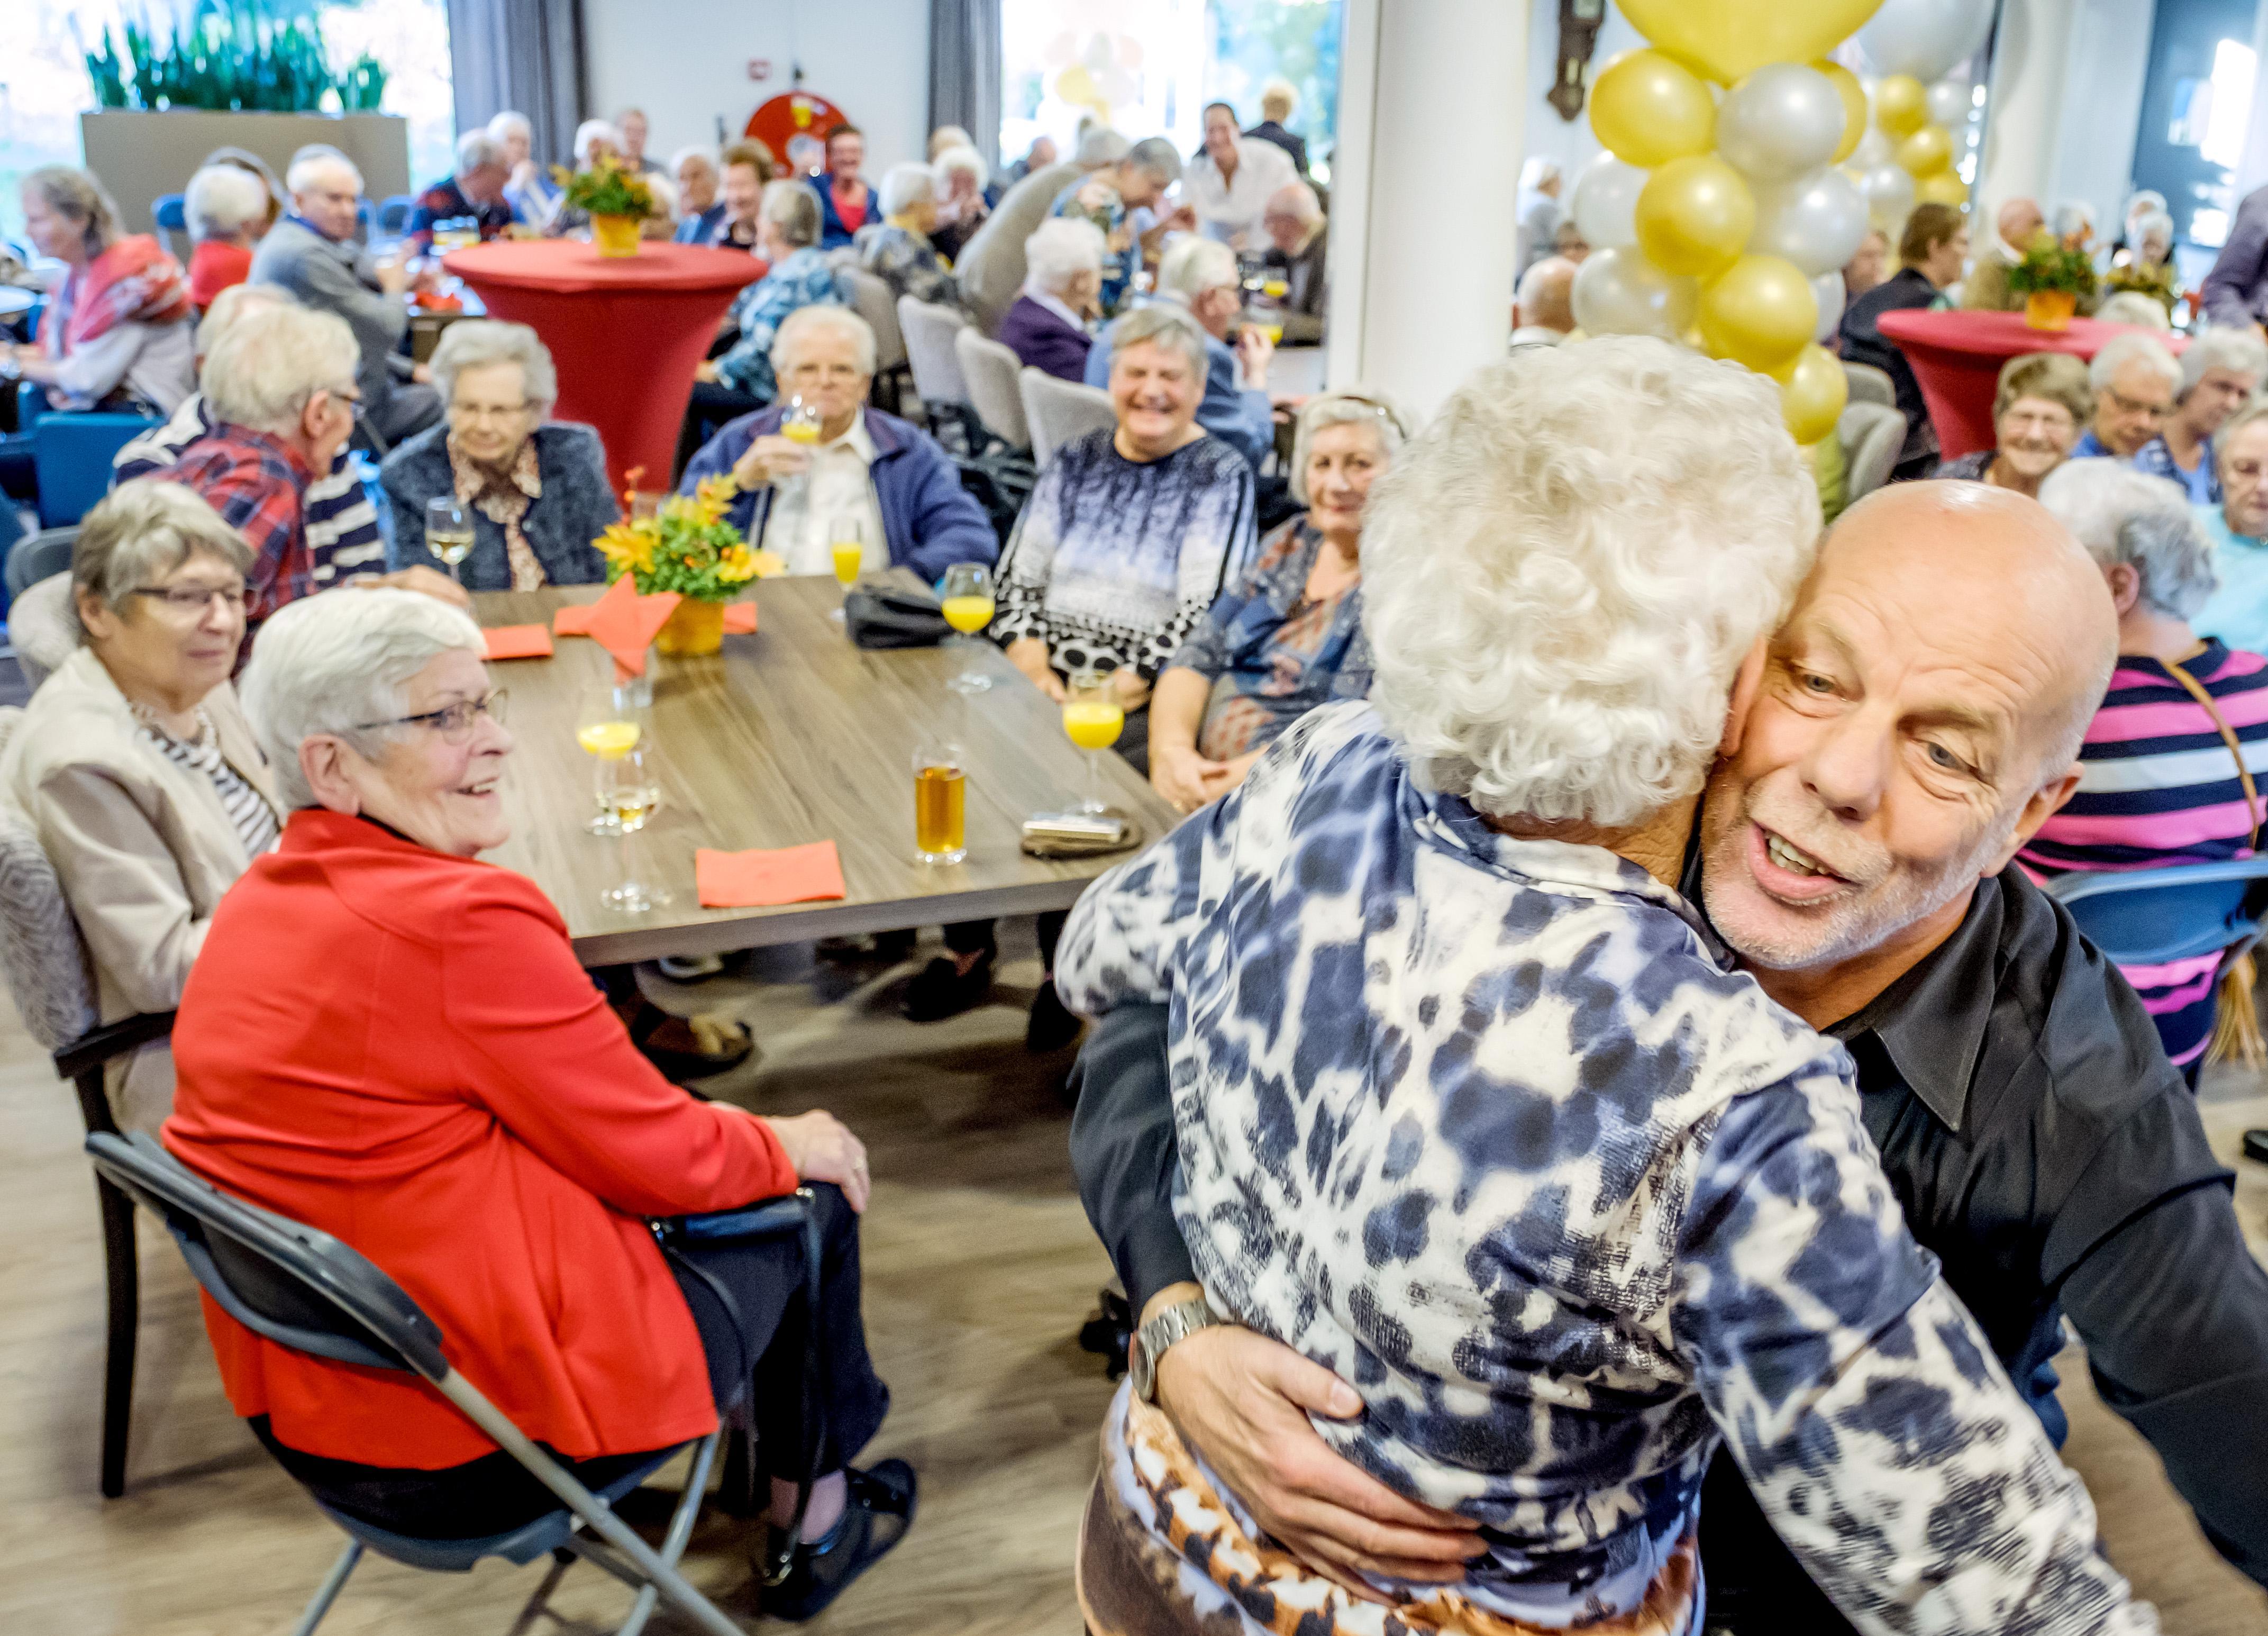 Actieplan voor Leidse ouderen, want daar zijn er de komende jaren nog veel meer van